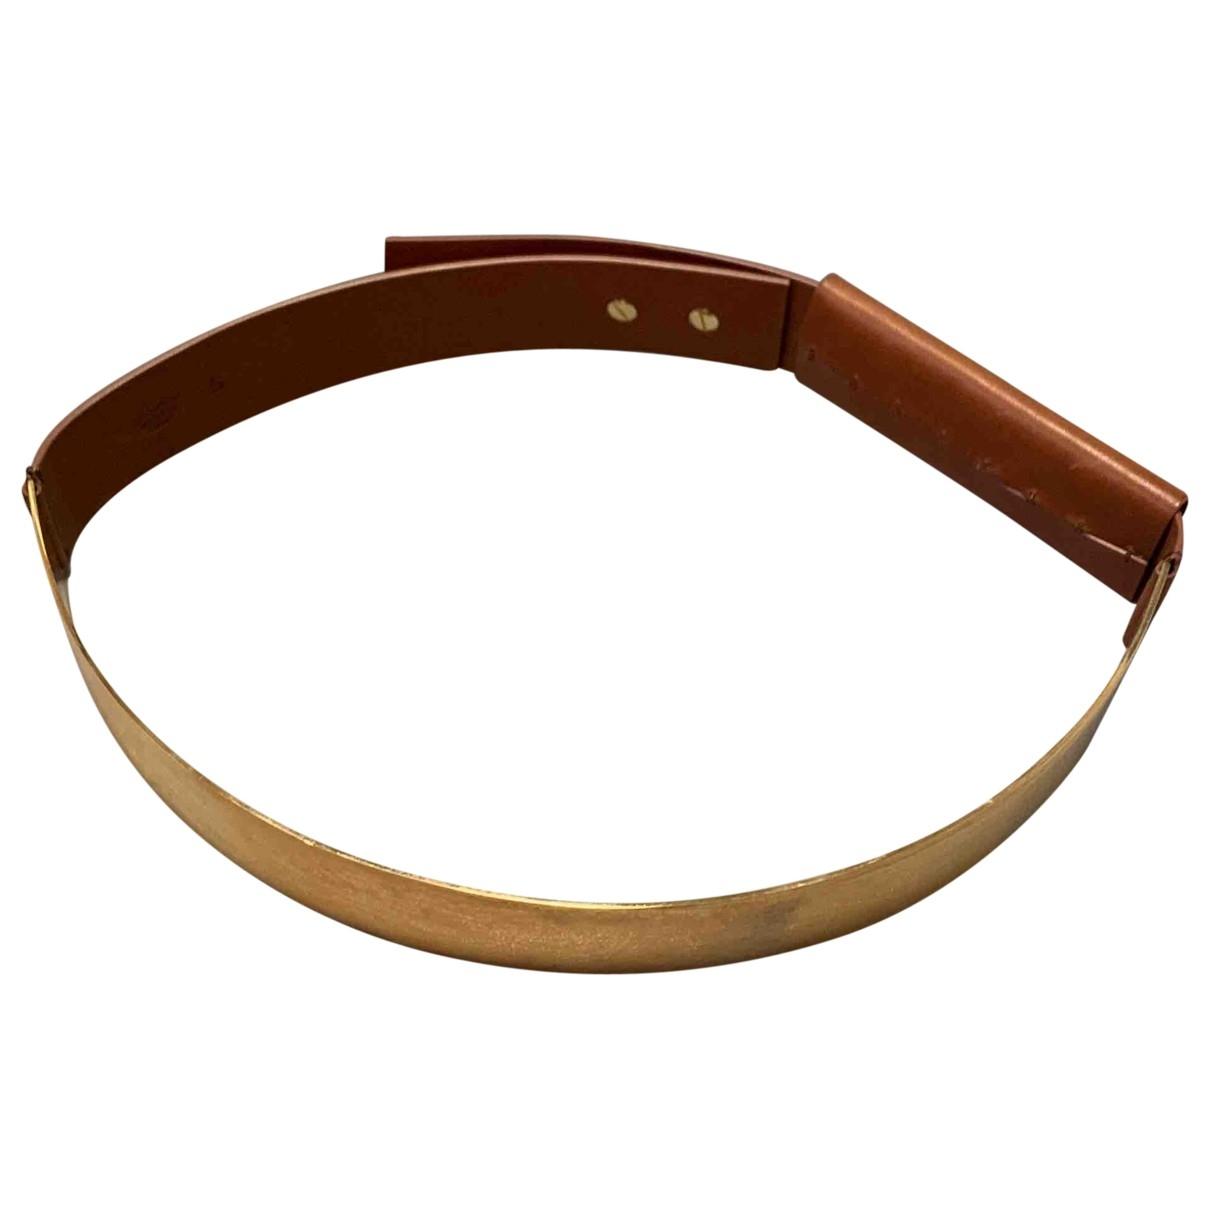 Maison Martin Margiela \N Gold Leather belt for Women S International